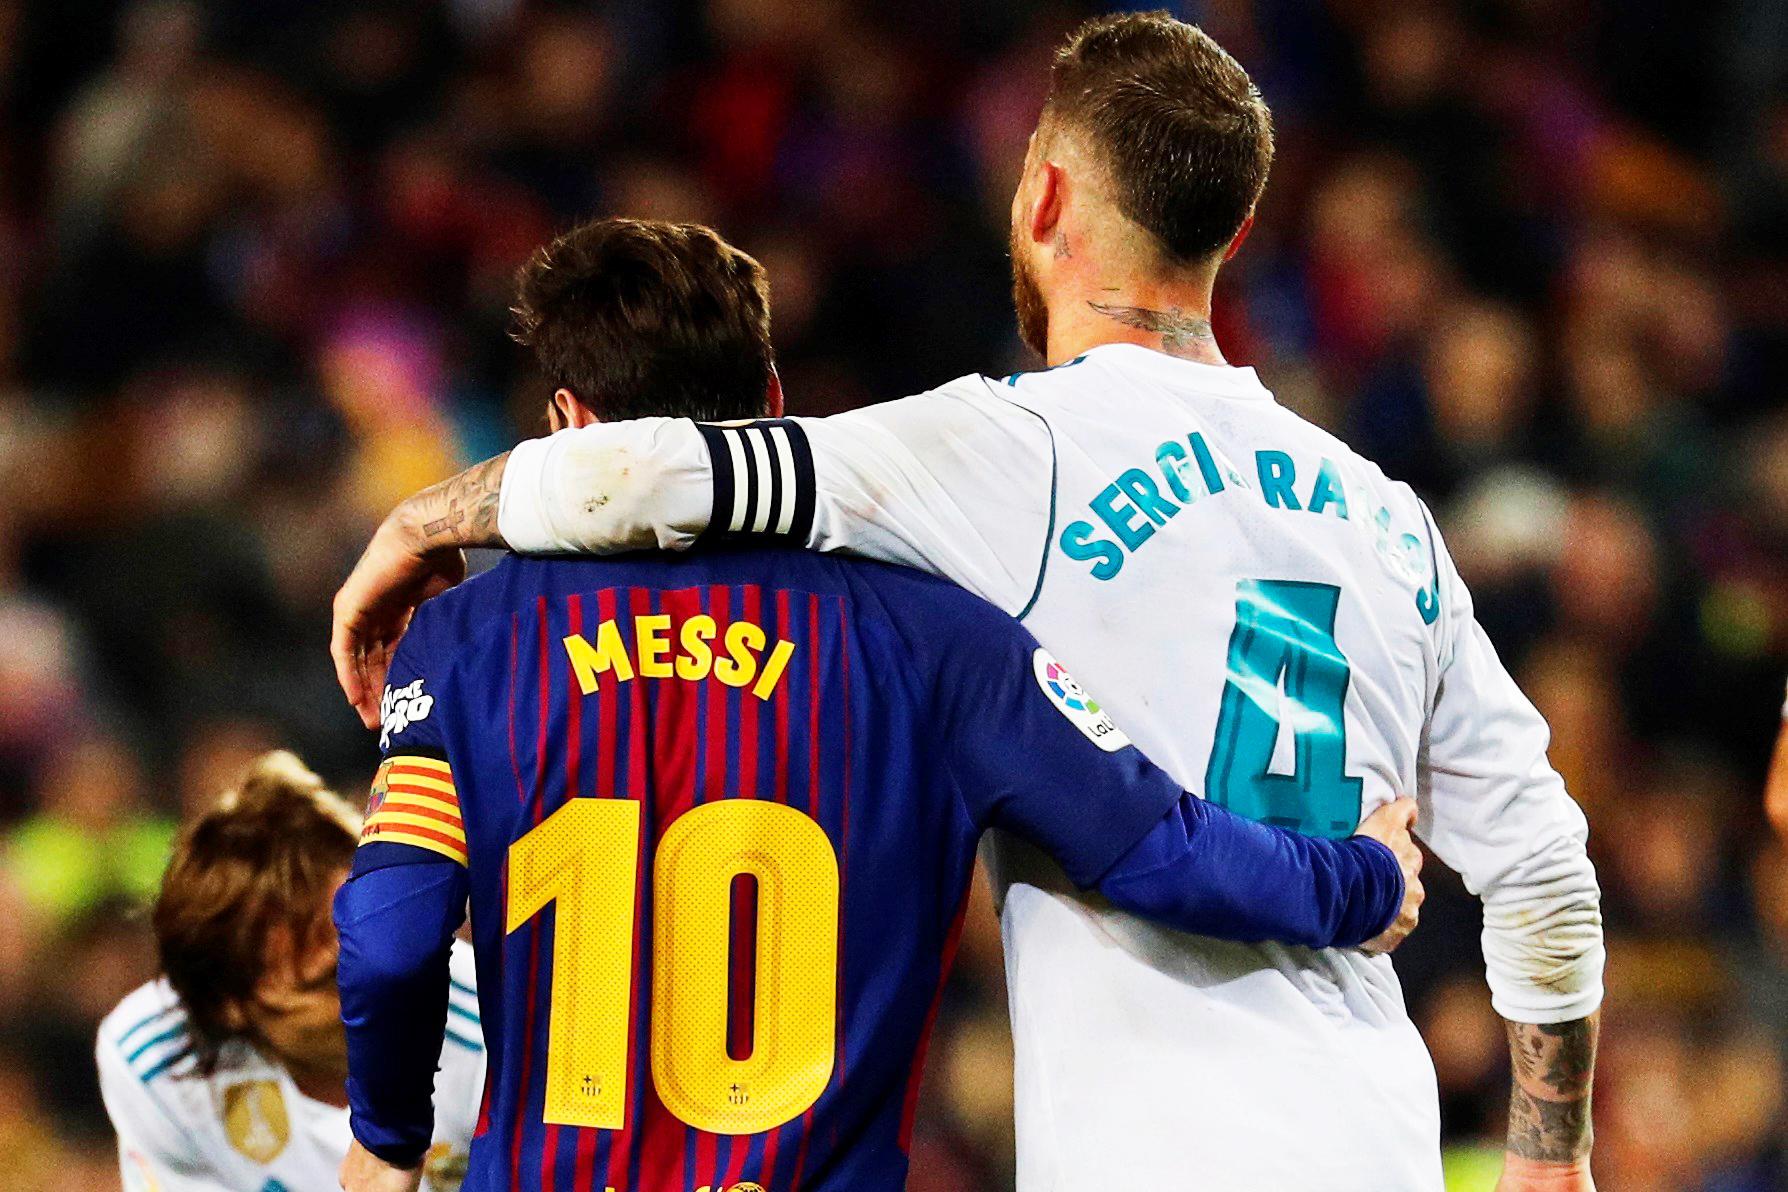 Ramos i hapur për bashkimin me Messin tek PSG-ja